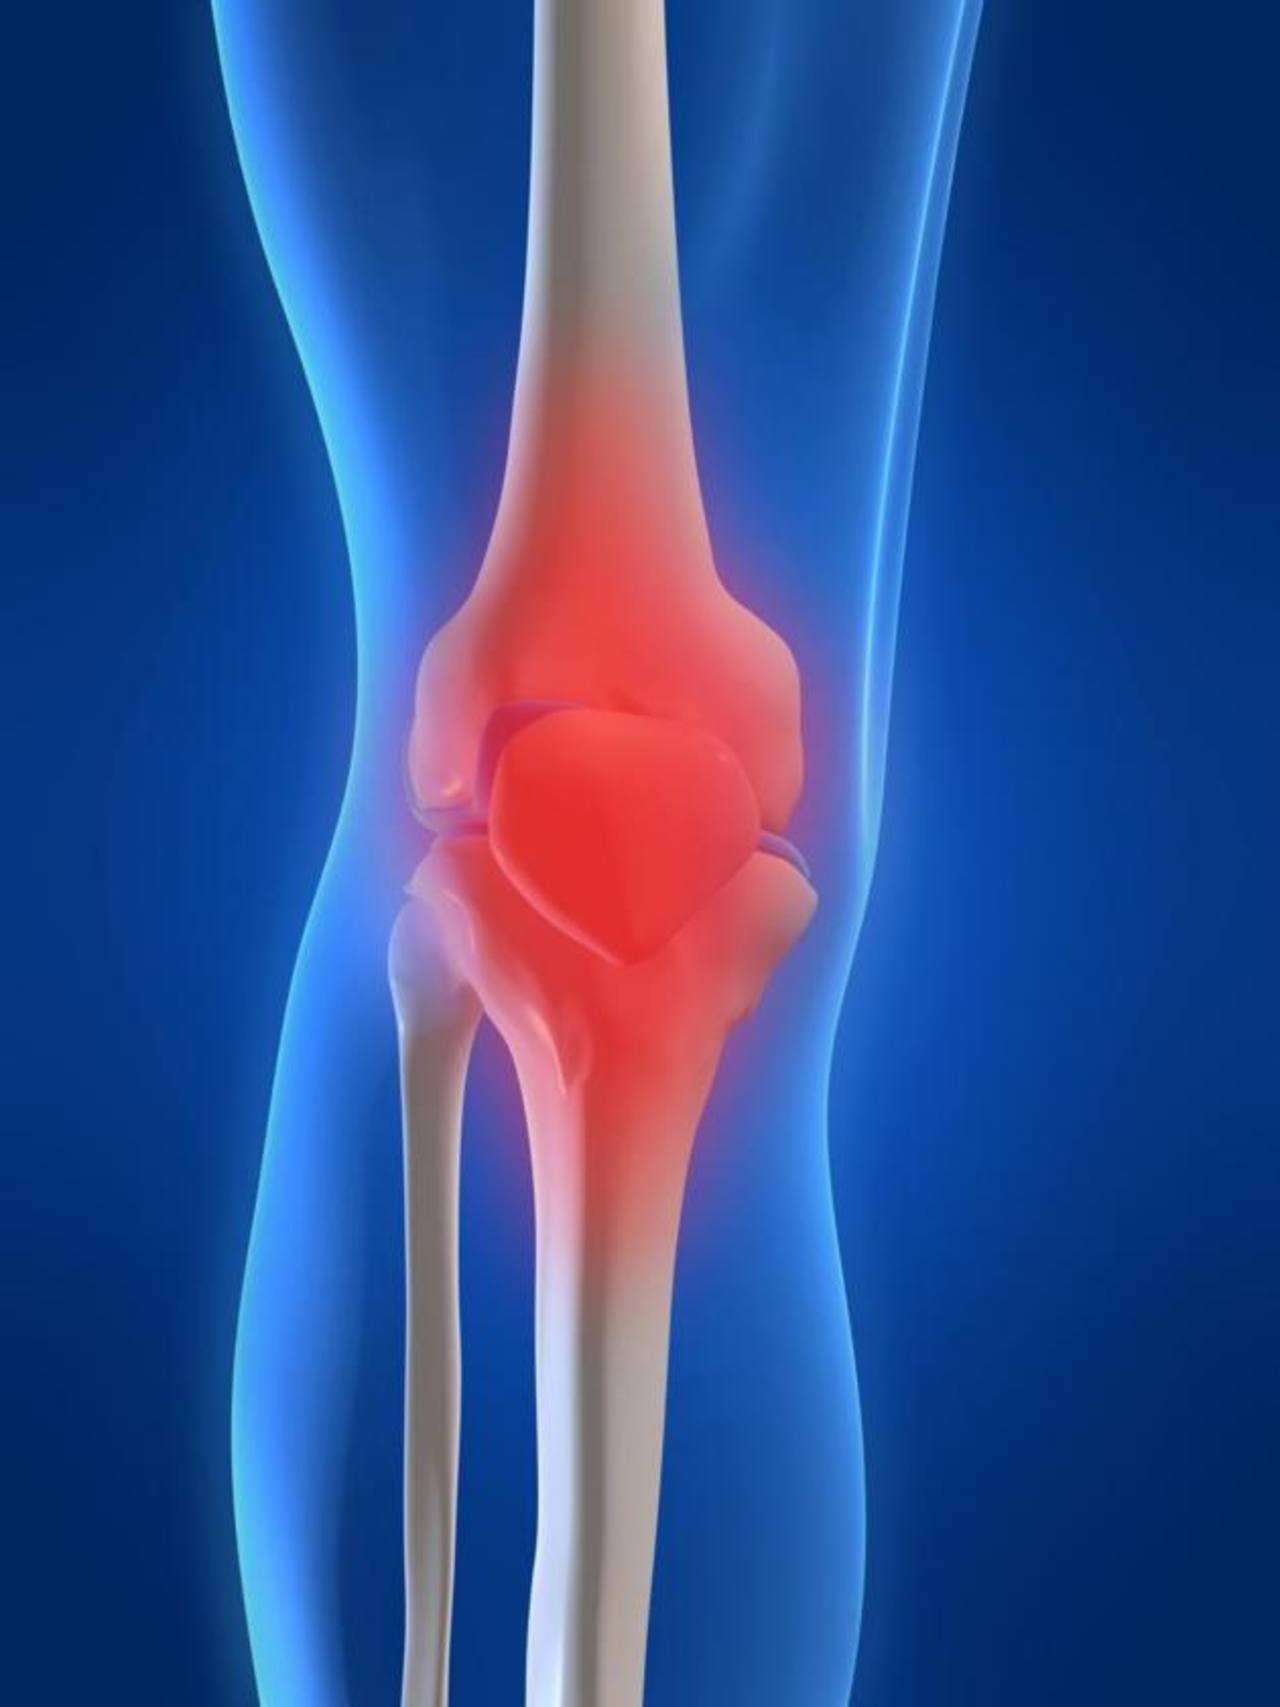 La osteoartritis de la rodilla es de las más comunes, puede afligir a casi una de cada dos personas en algún momento.